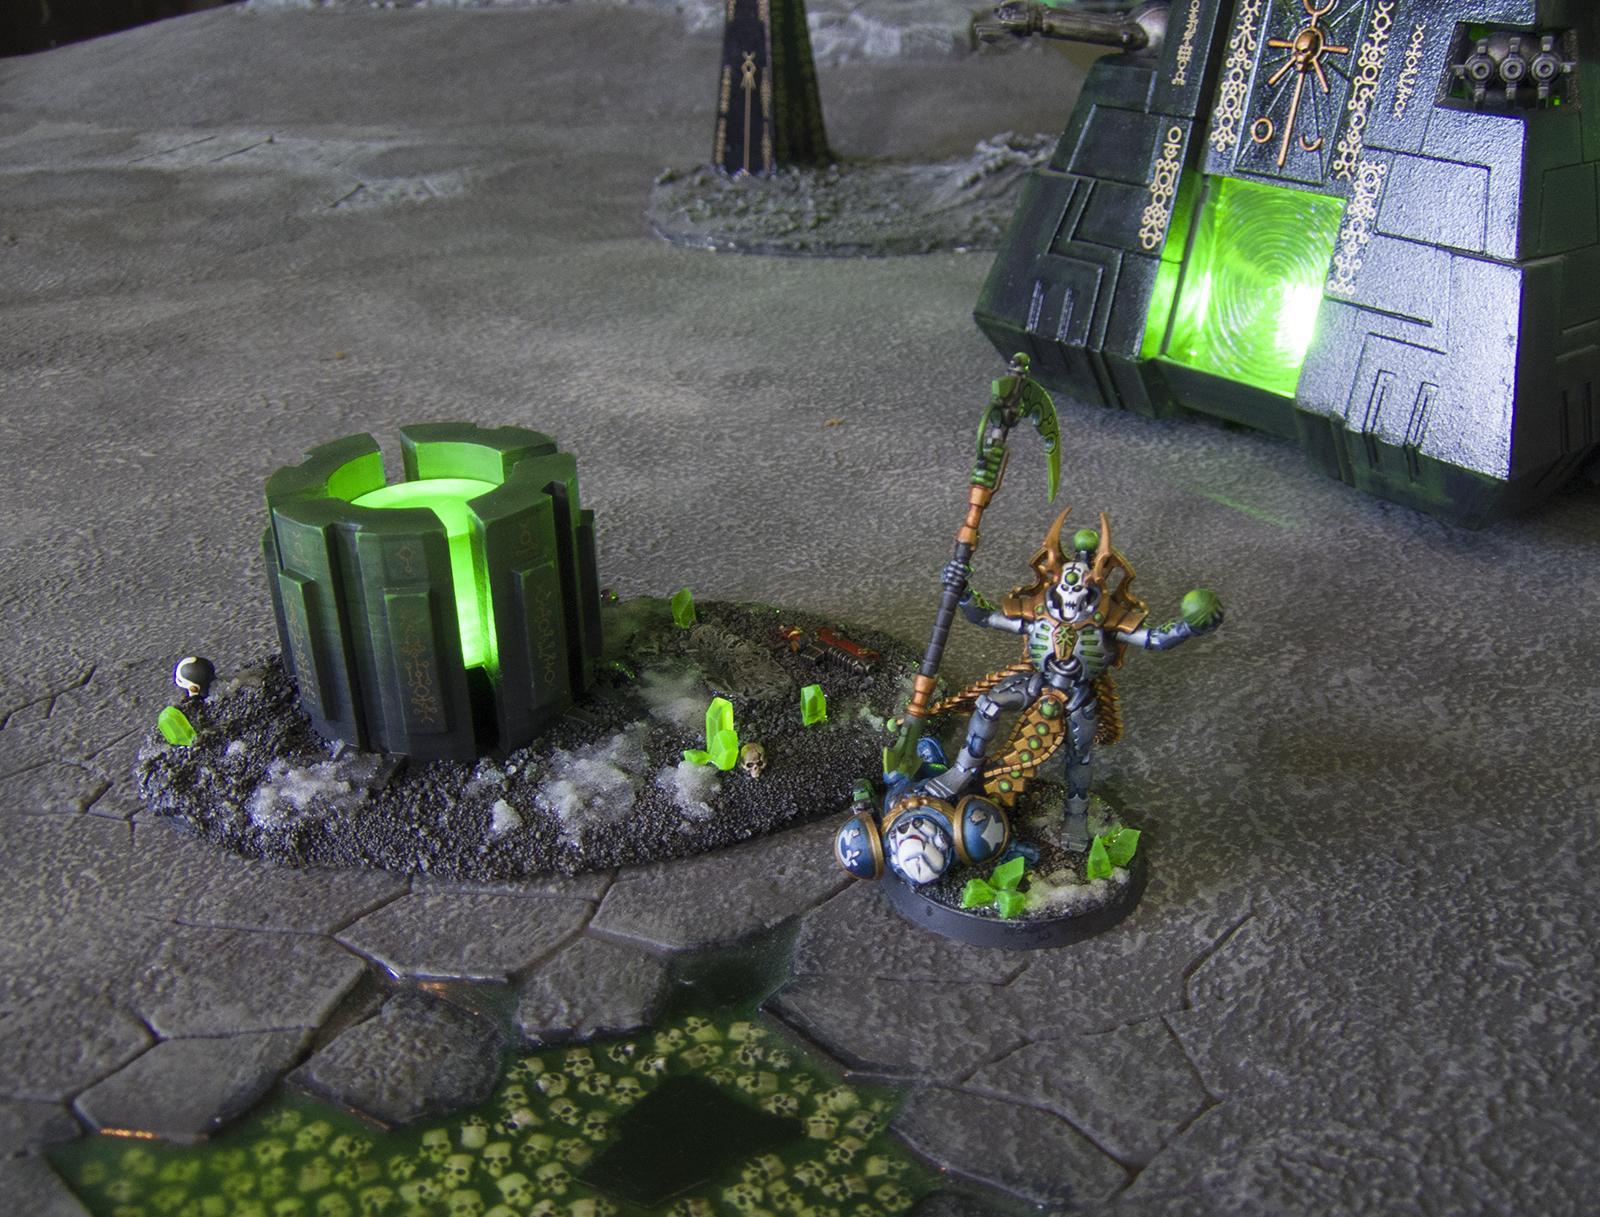 3d Printed, Led Lighting, Necrons, Scatter Terrain